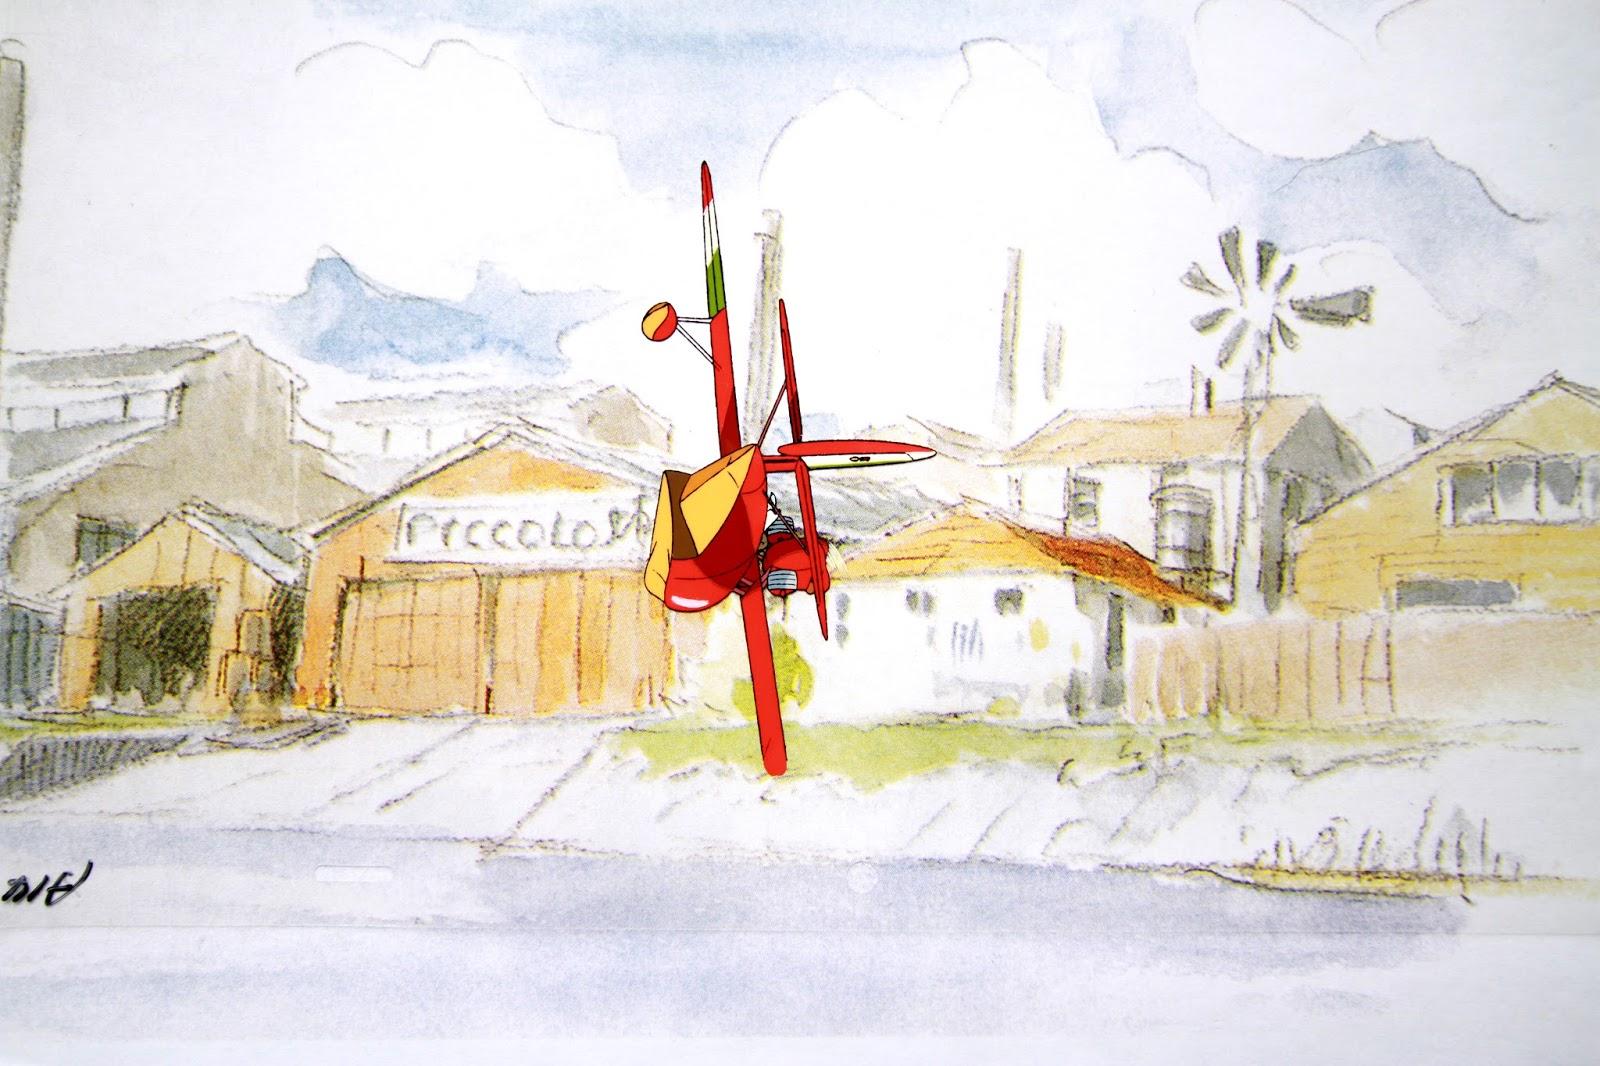 miyazaki Porco Rosso 08.jpg